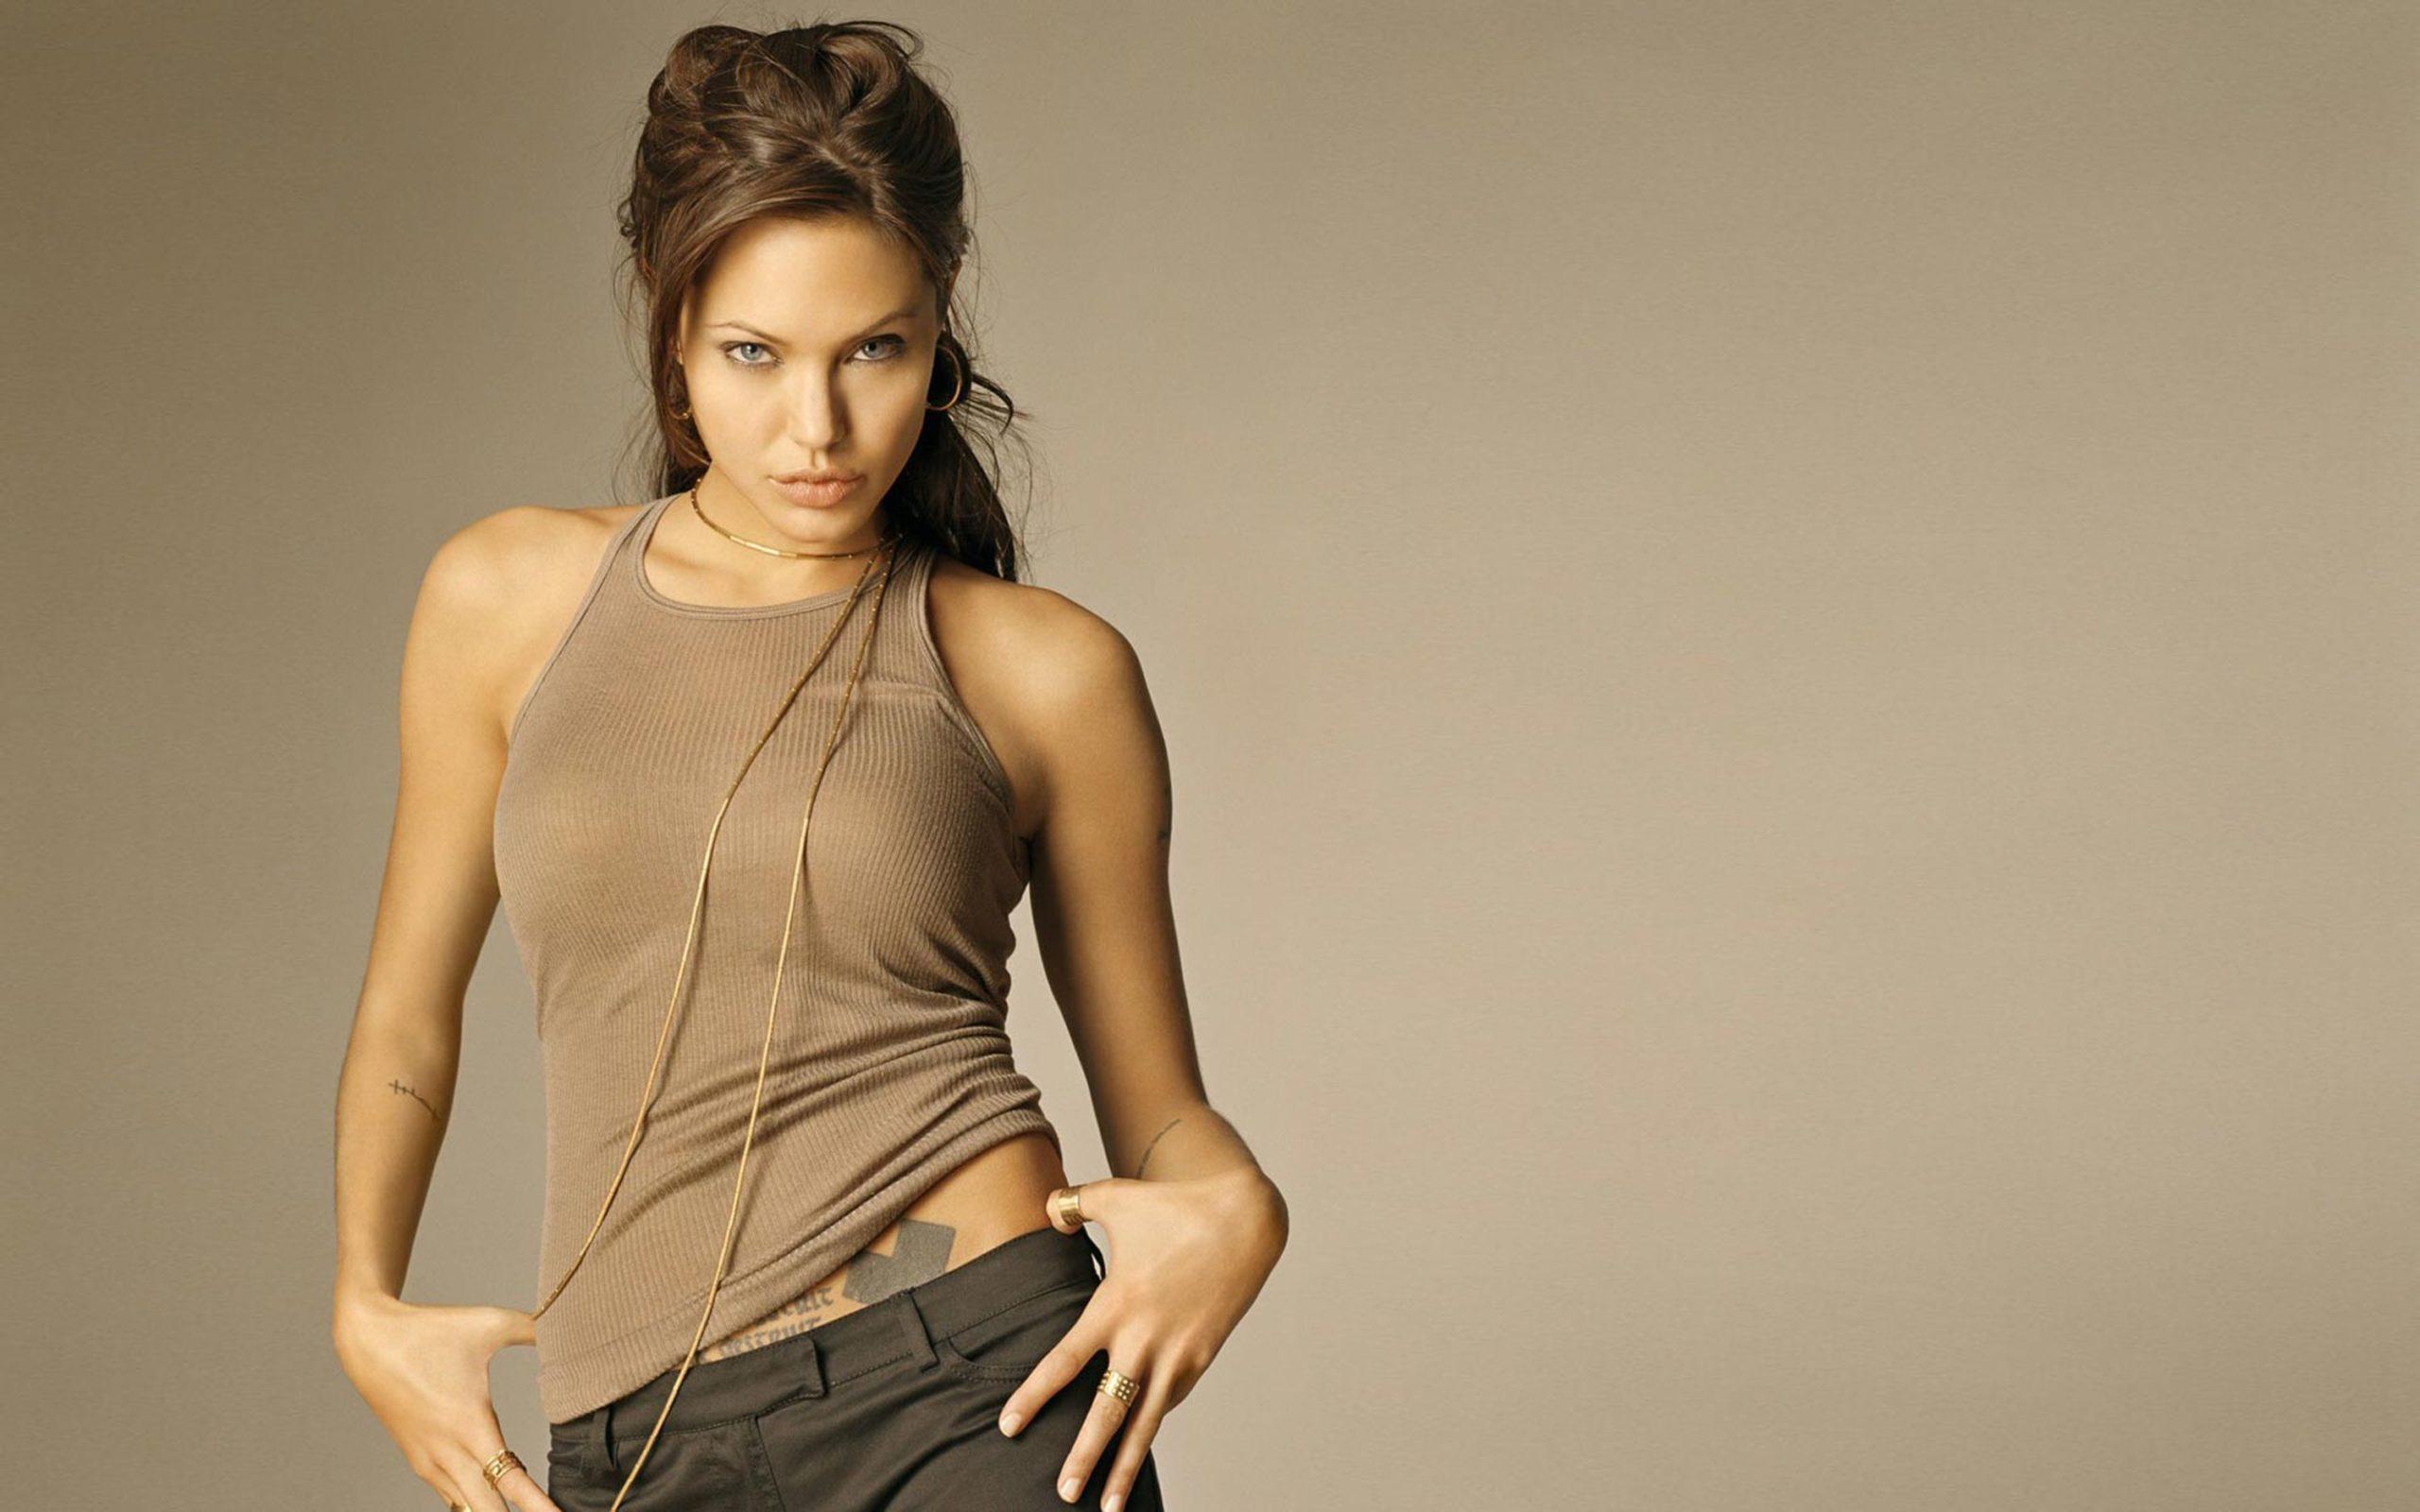 Анджелина Джоли горячие фото